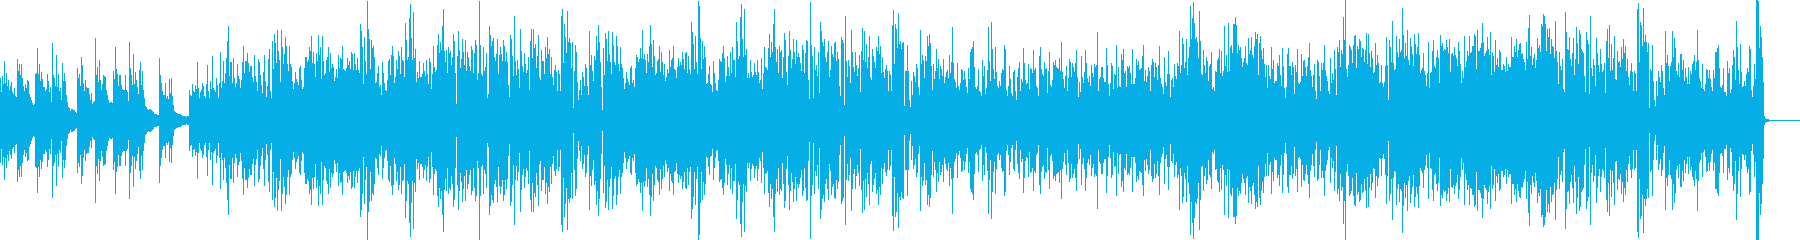 ブルース カントリー 民謡 アクテ...の再生済みの波形